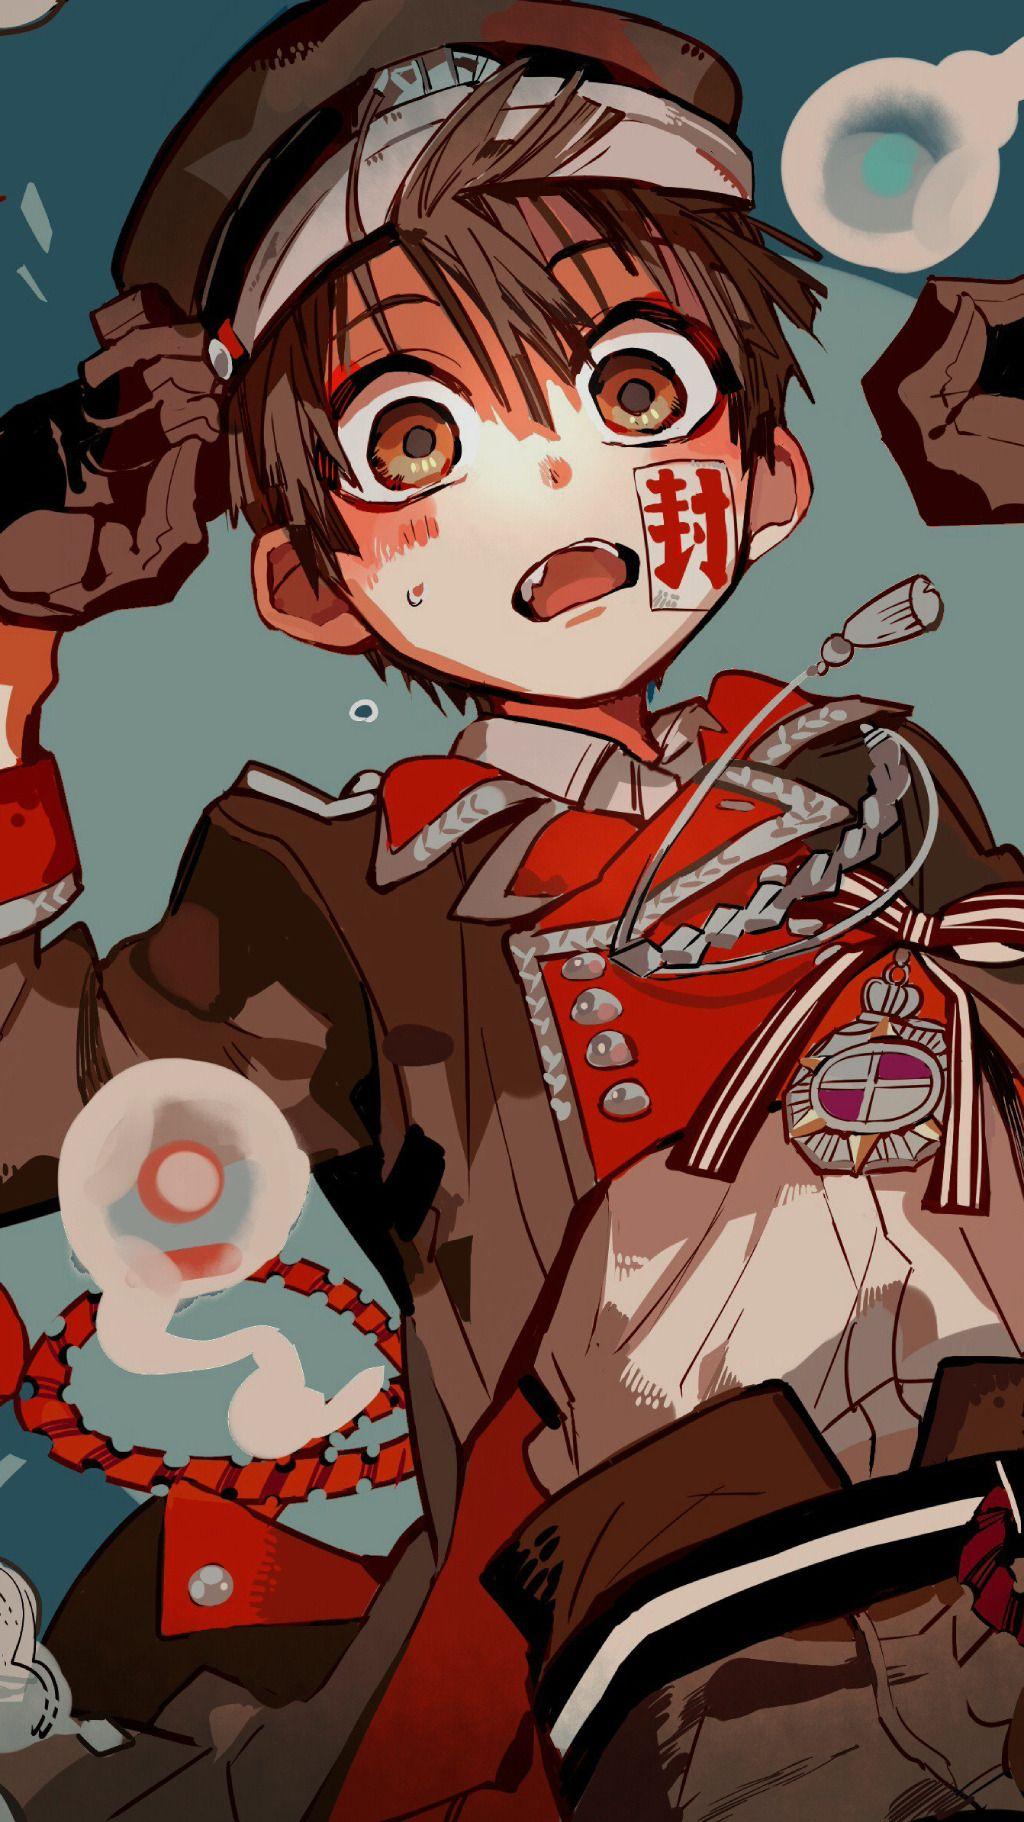 𝘩𝑎𝑛𝑎𝑘𝑜 𝑠𝑡𝑢𝑓𝑓 — Jibaku Shounen Hanakokun lockscreen like